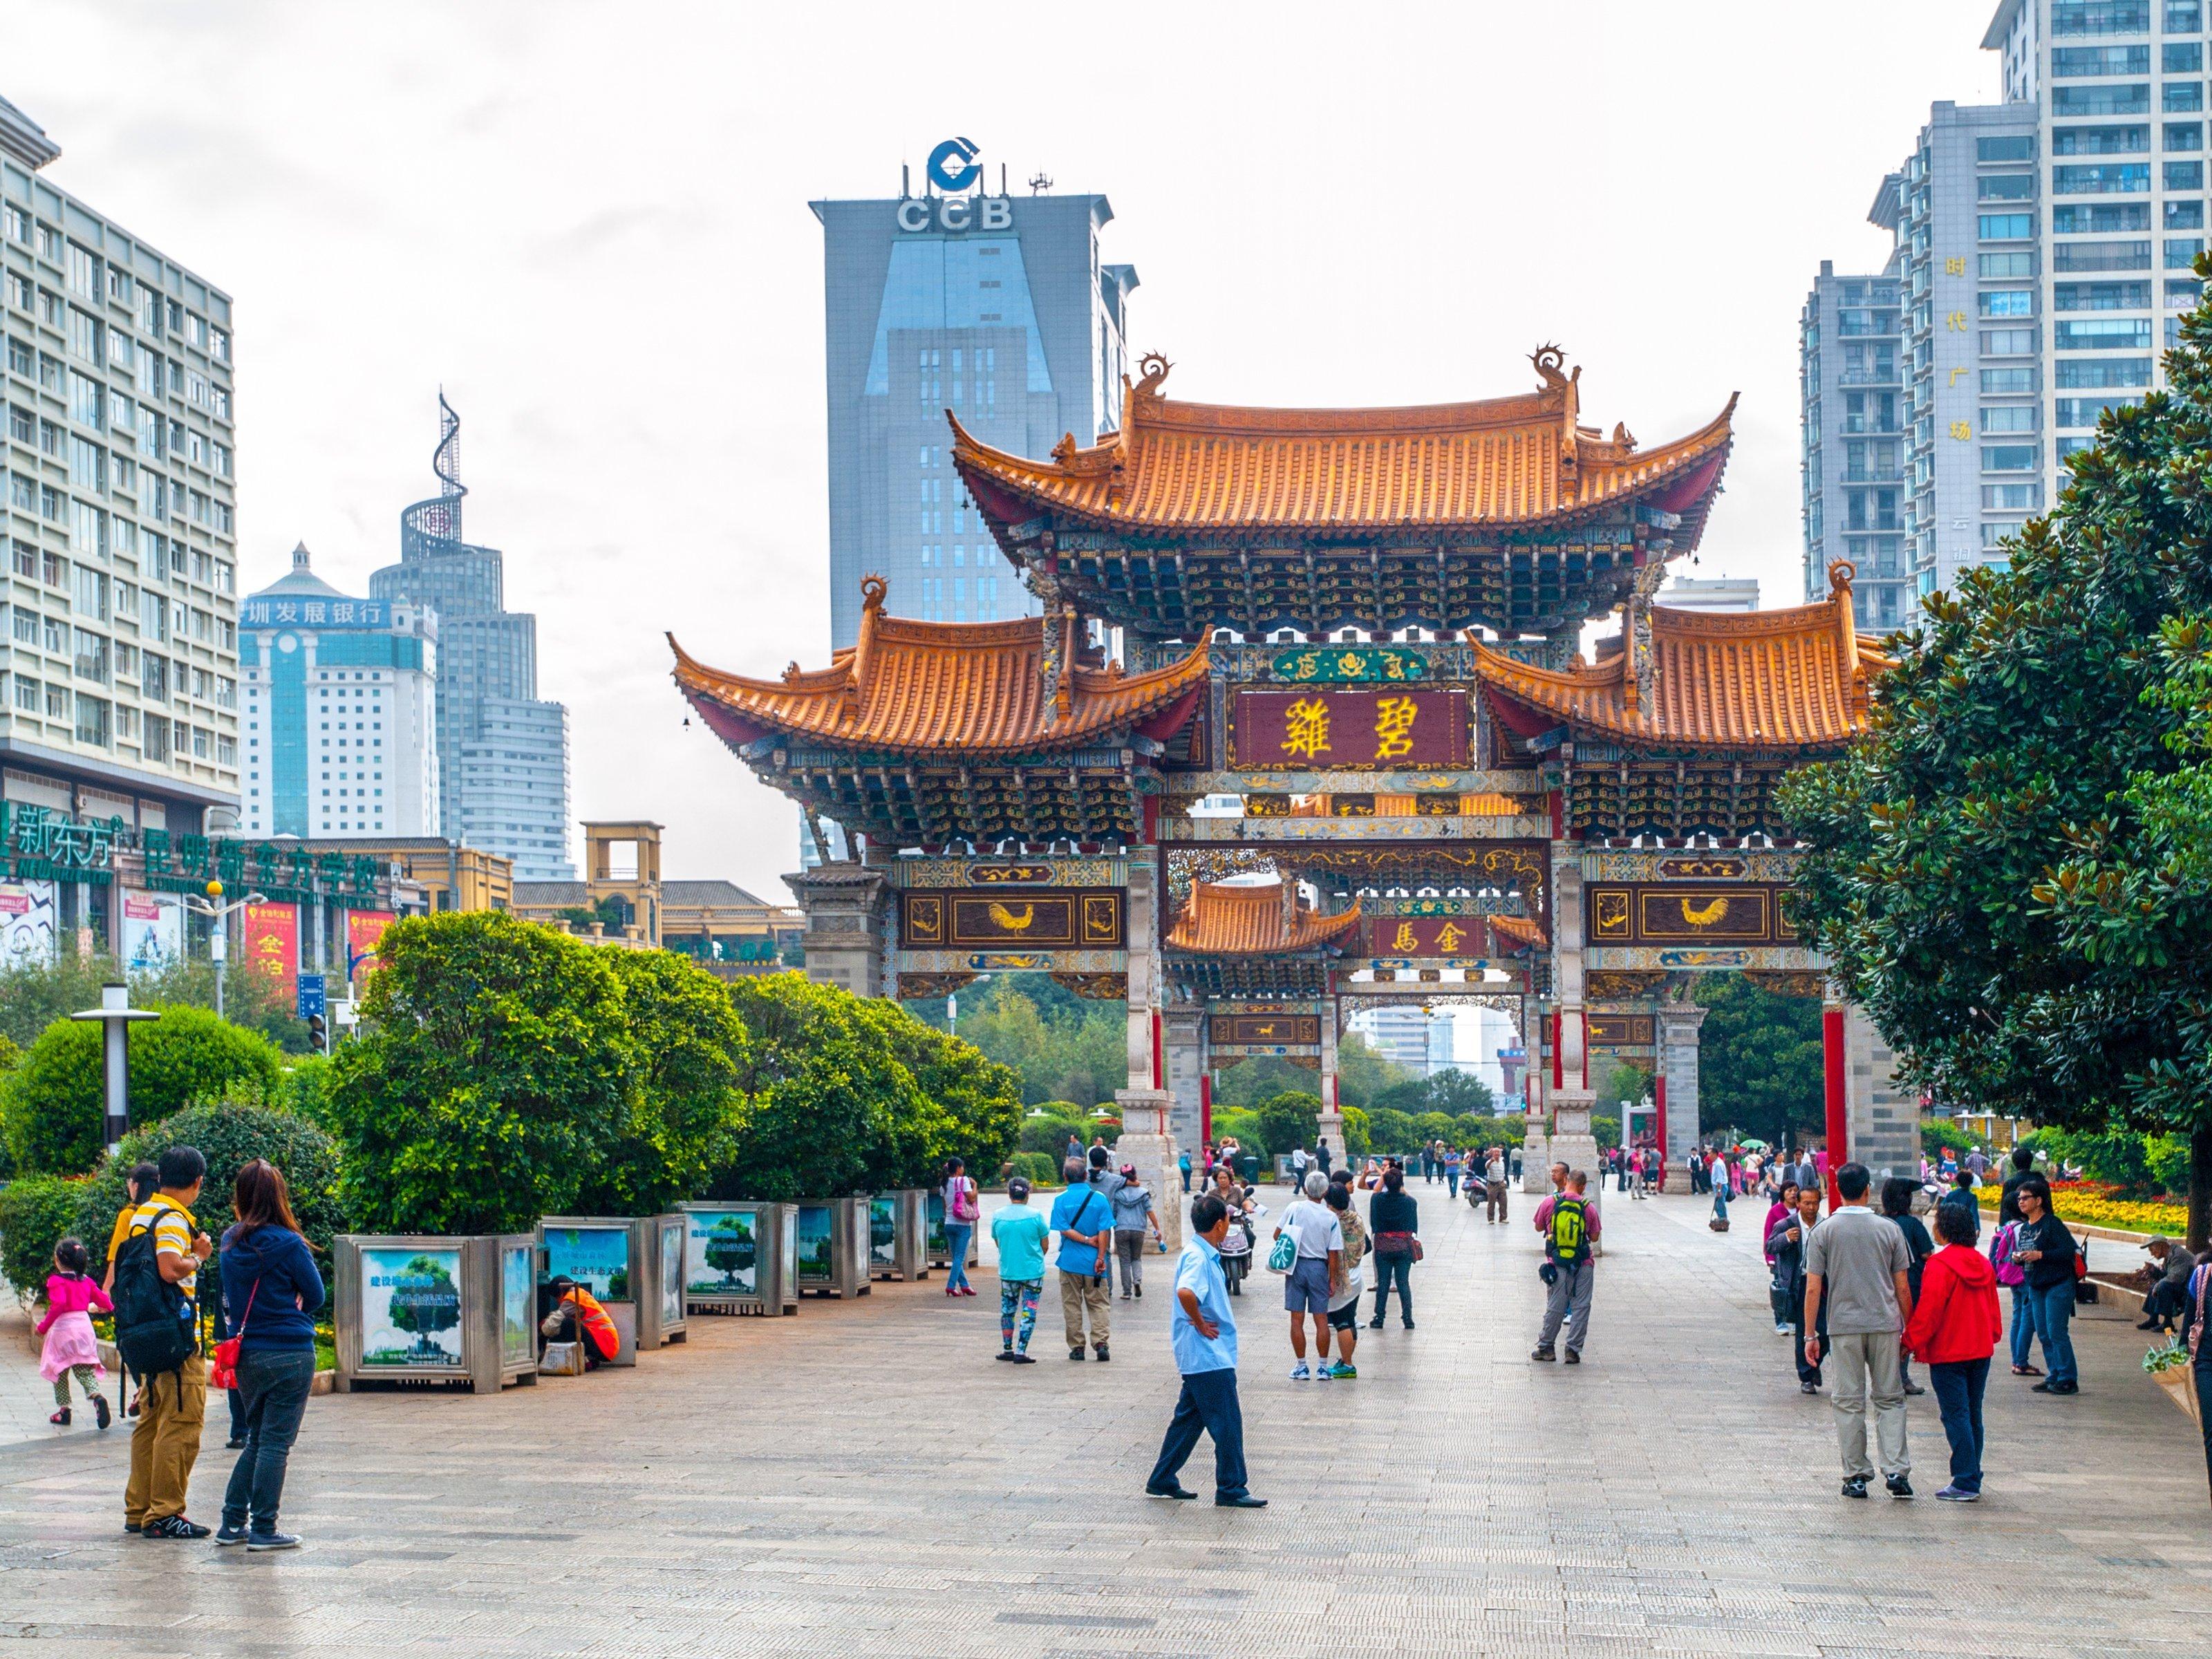 Arco de Kunming. Puerta tradicional china y edificios modernos del centro de la ciudad, Kunming, provincia de Yunnan, China. Fuente: Shutterstock